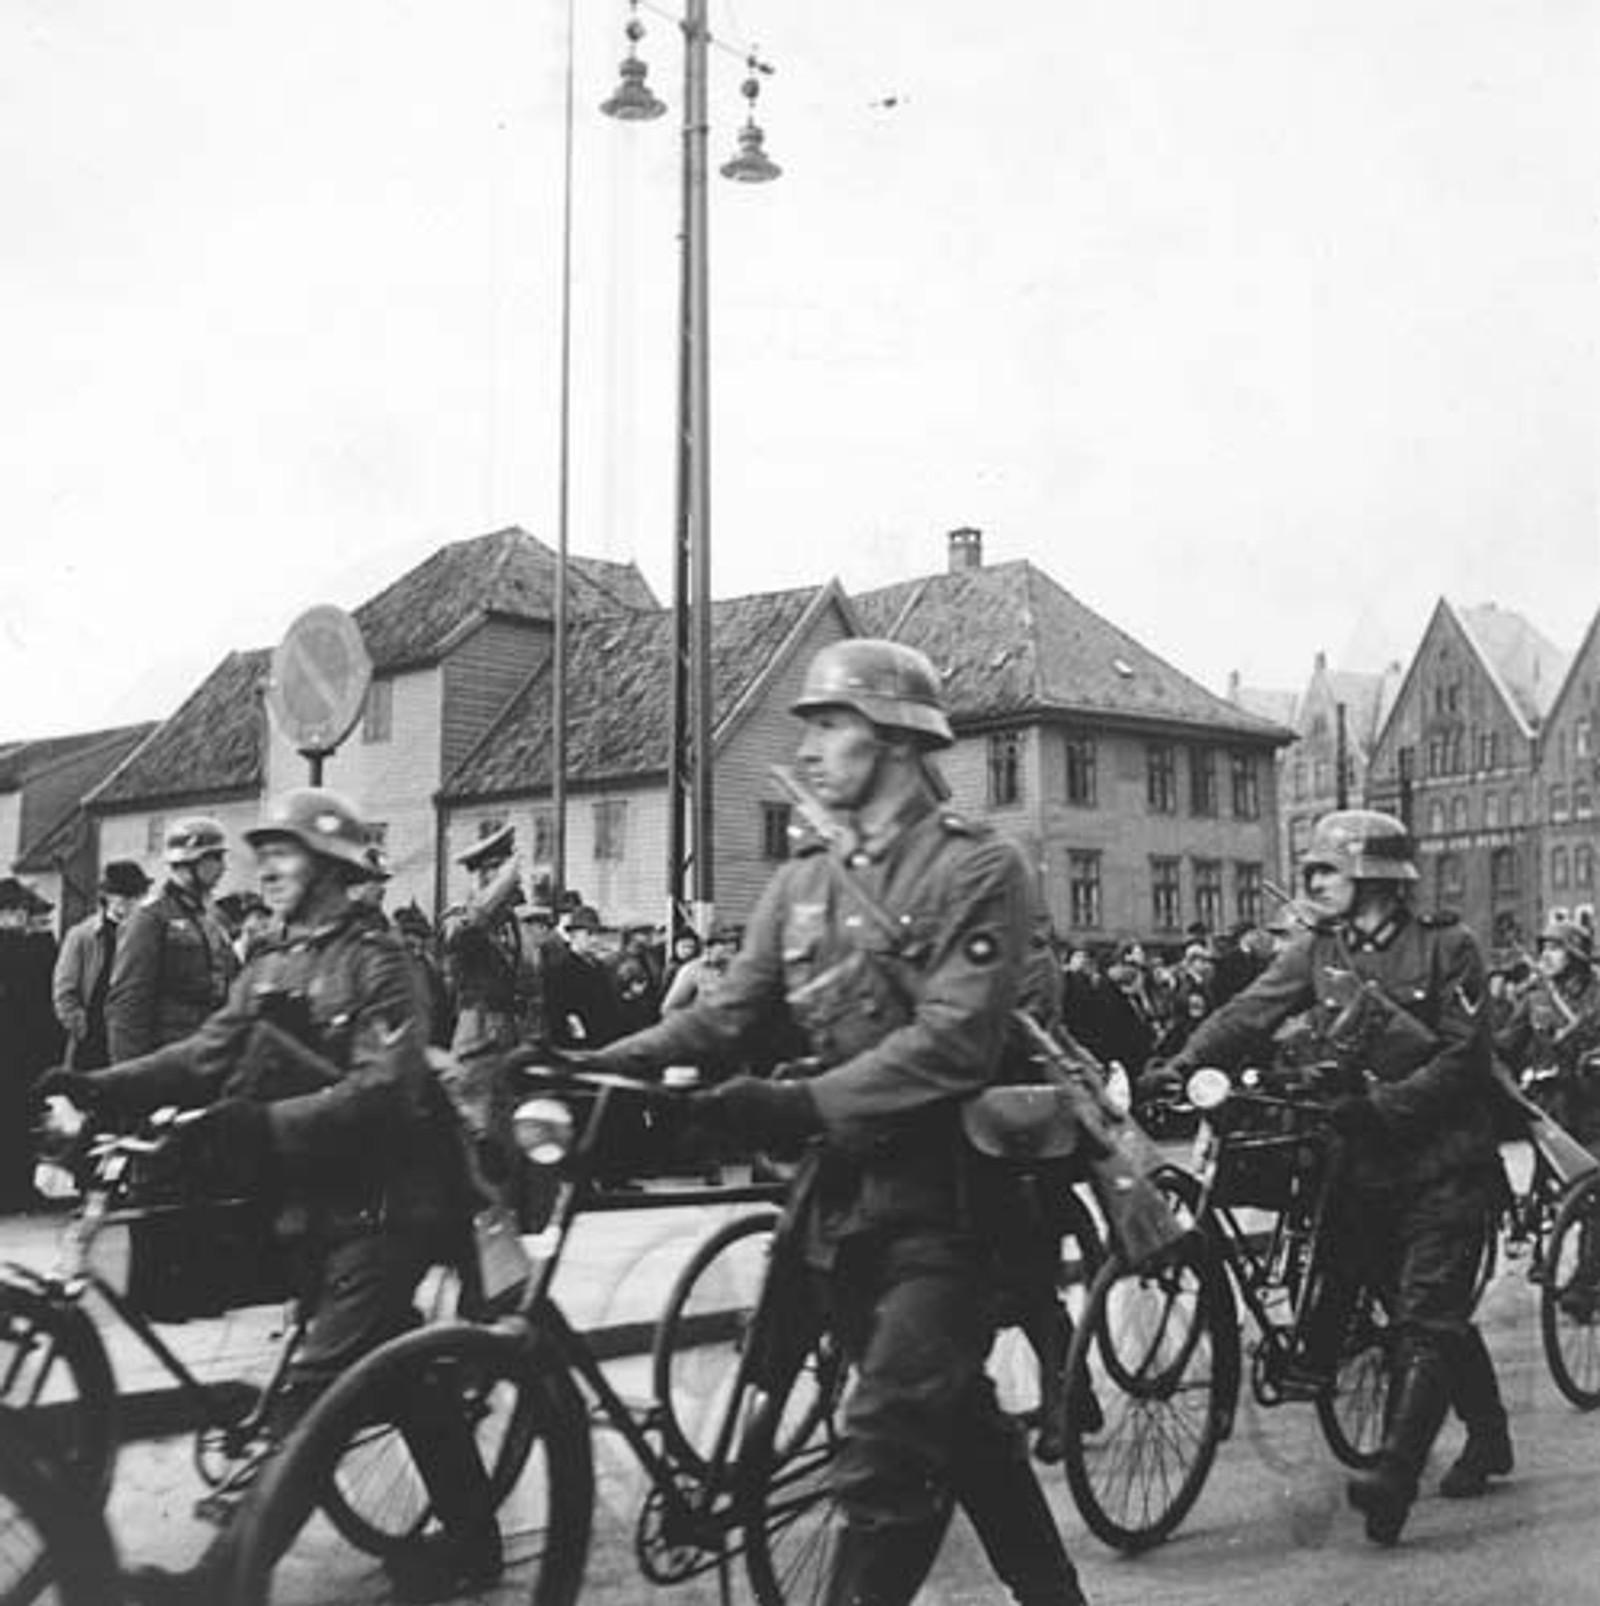 MARSJERER: Tyske soldater utstyrt med sykler marsjerer over Fisketorget.